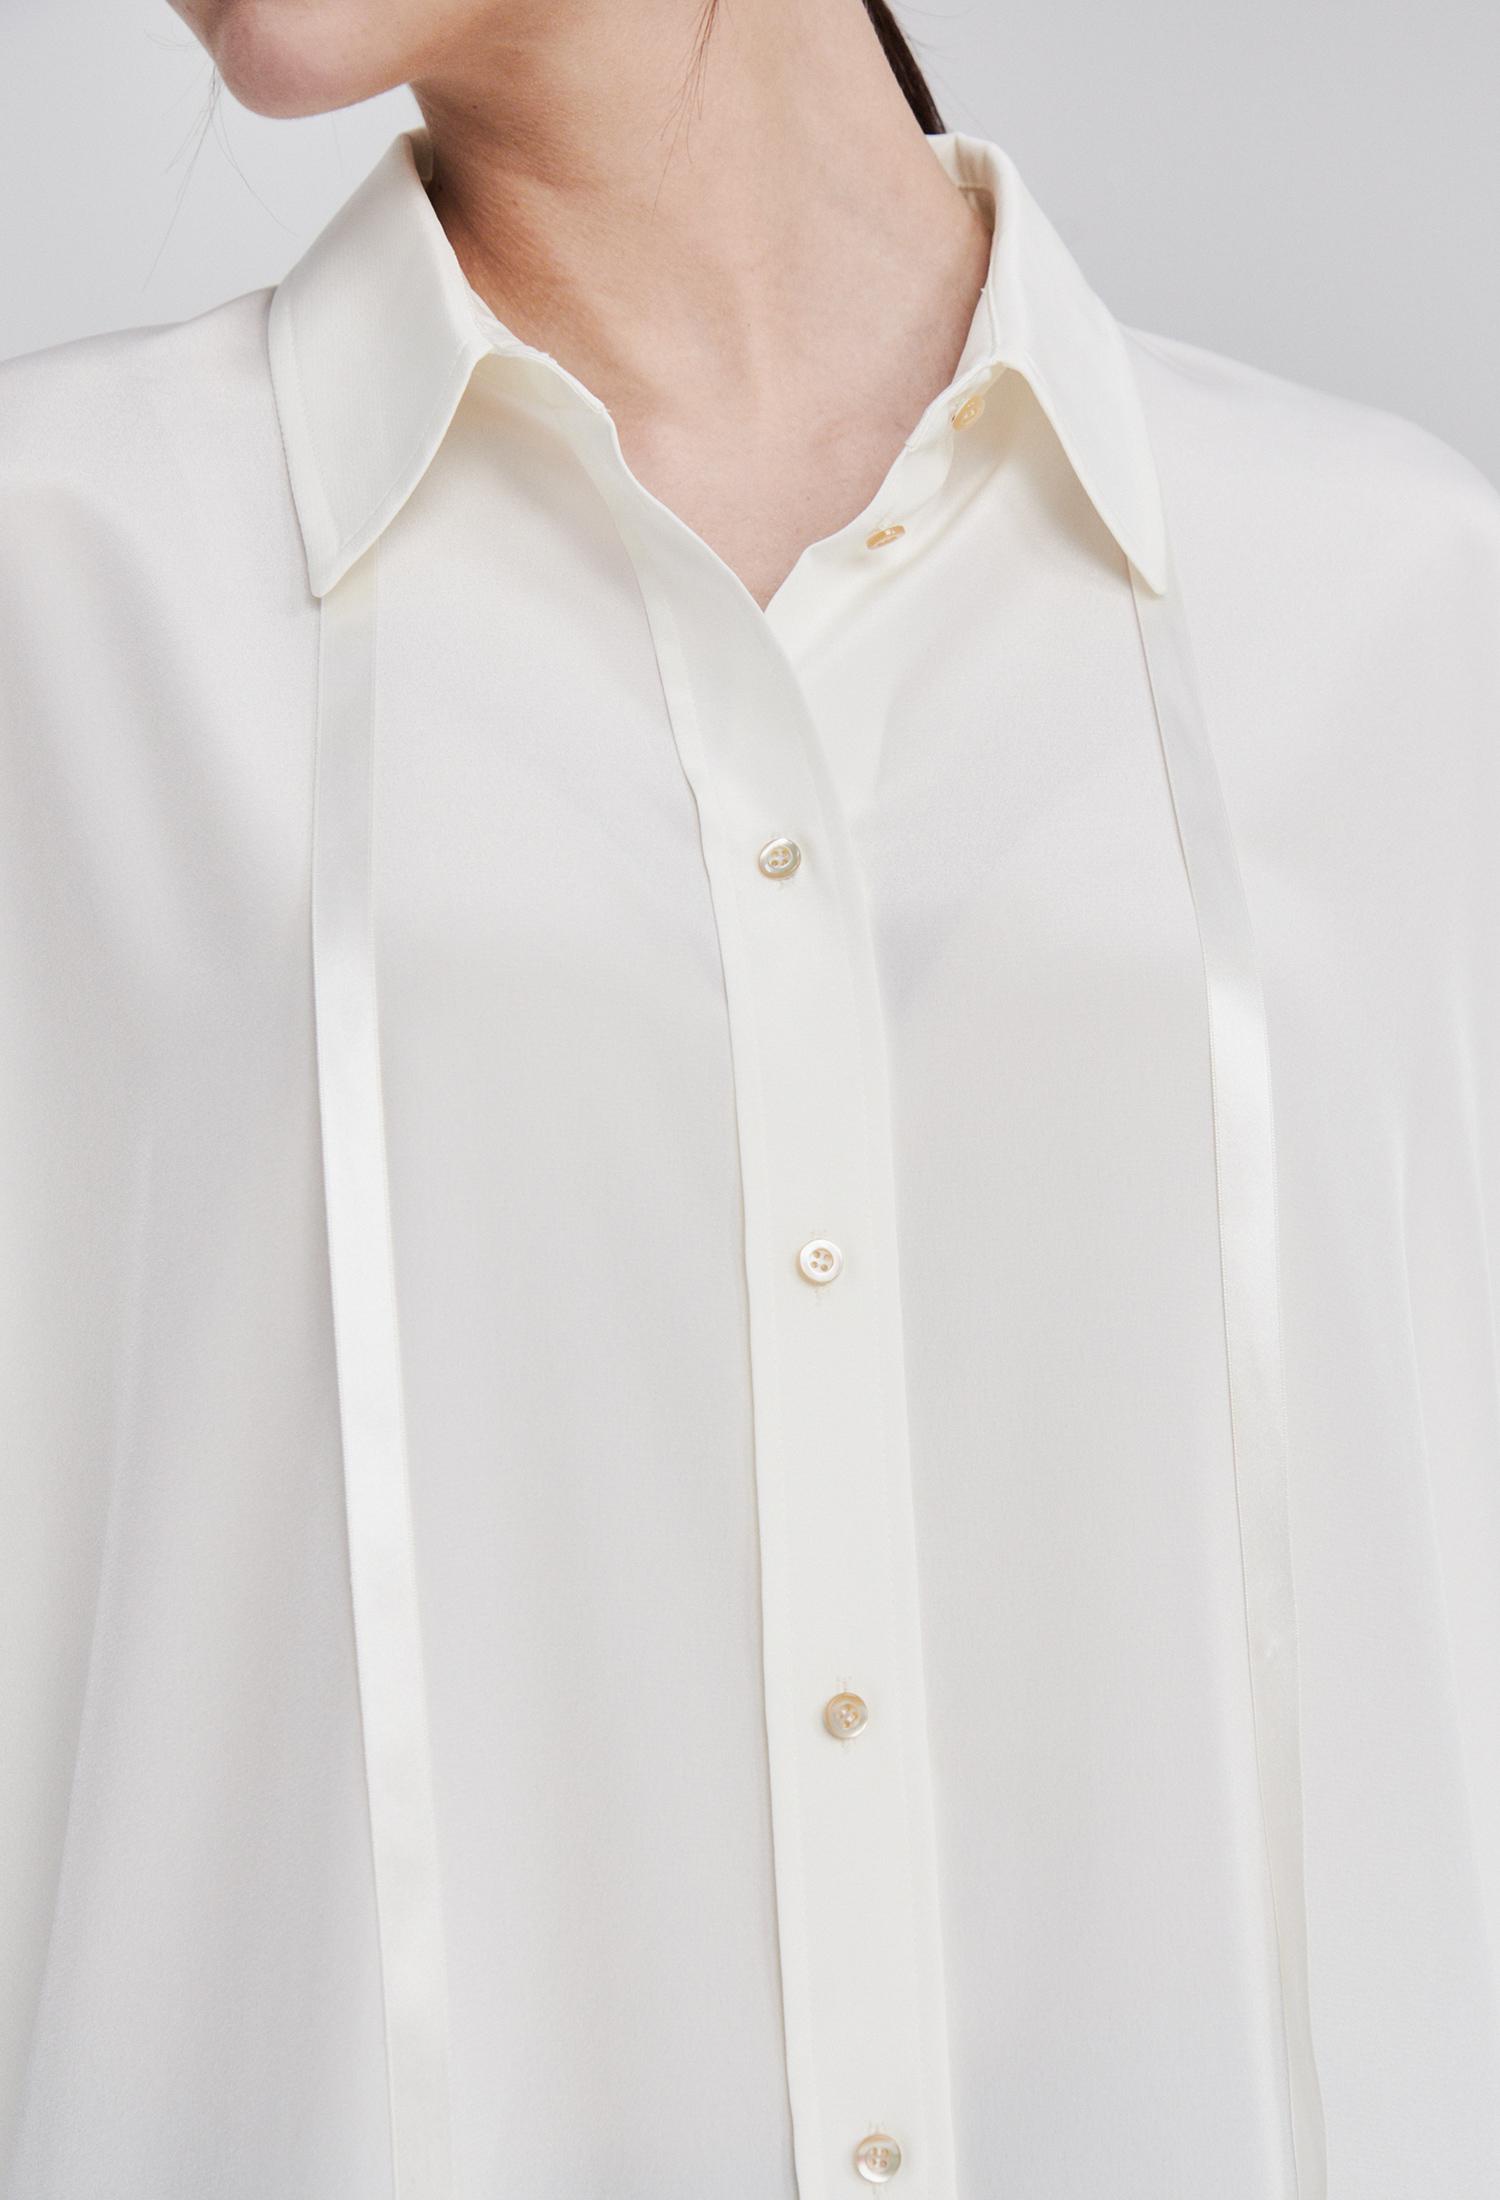 스트랩 오버 셔츠 블라우스 (WHITE)